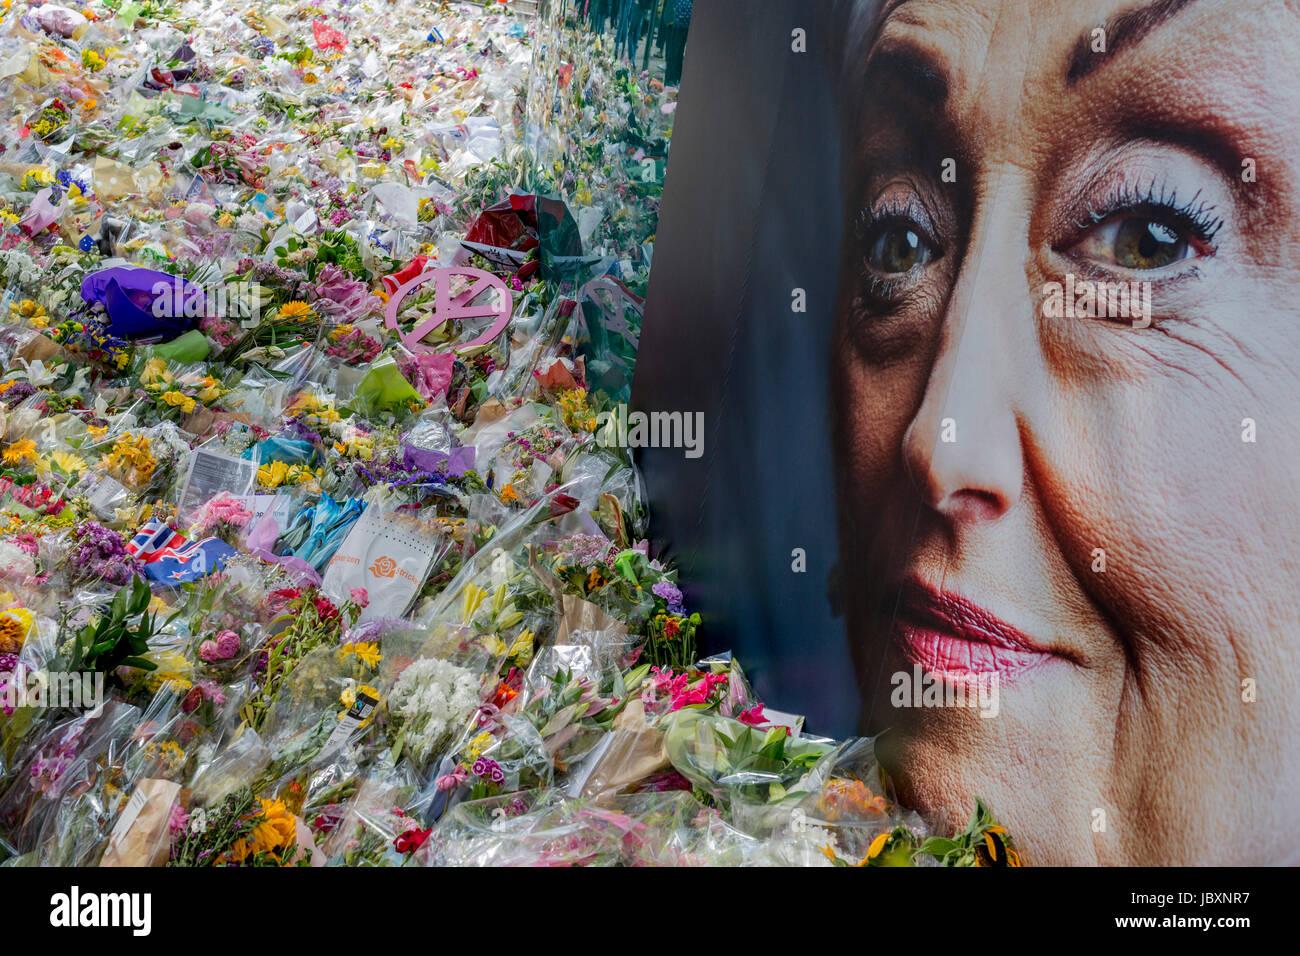 Publicidad el rostro de una señora de mediana edad simboliza la compasión y simpatía en el santuario Imagen De Stock